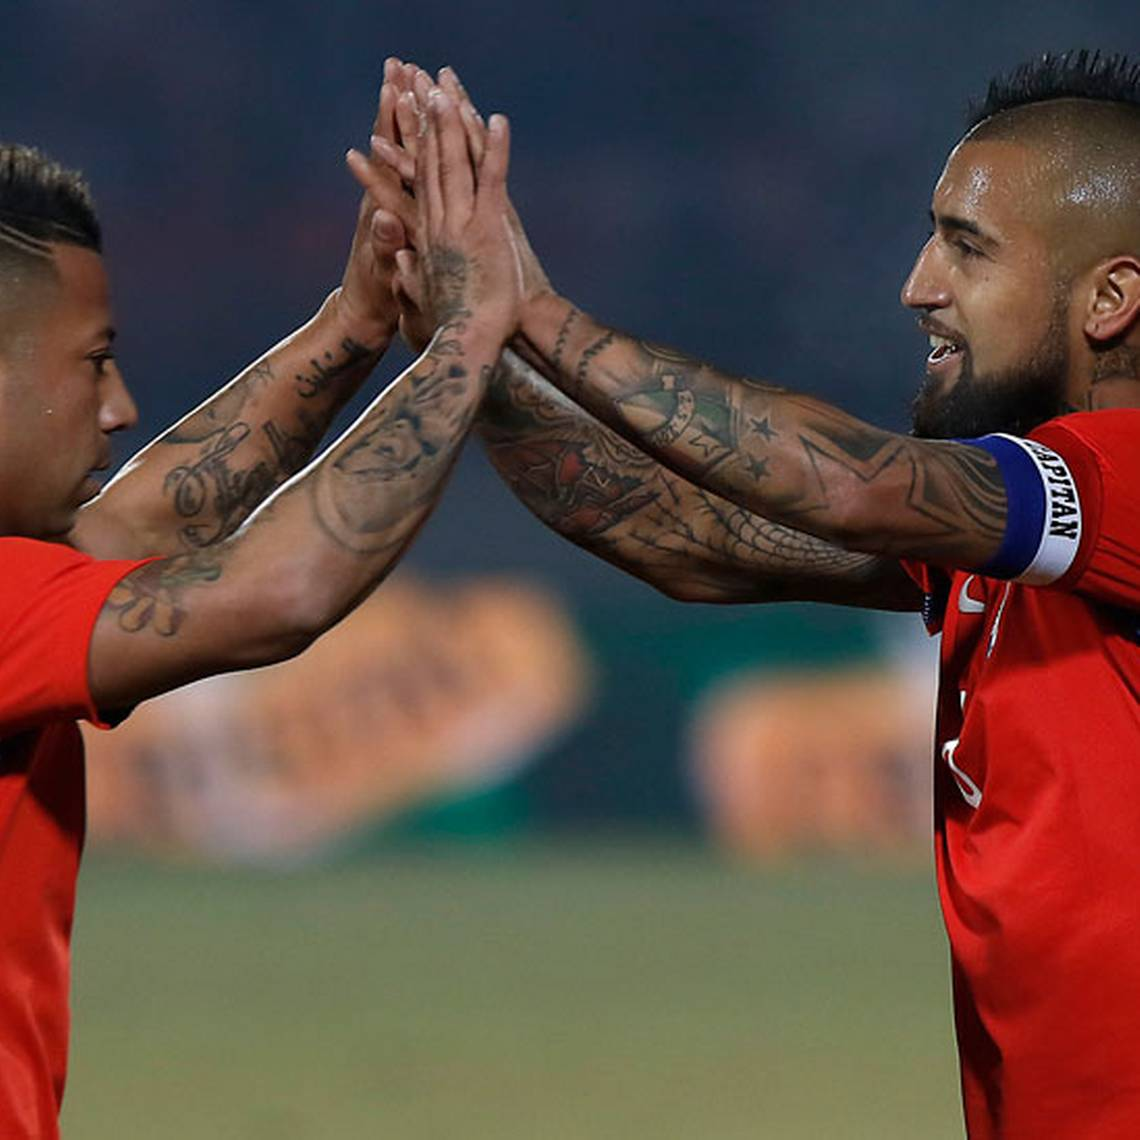 FOTOS: Chile gana sin dificultad ante Burkina Faso